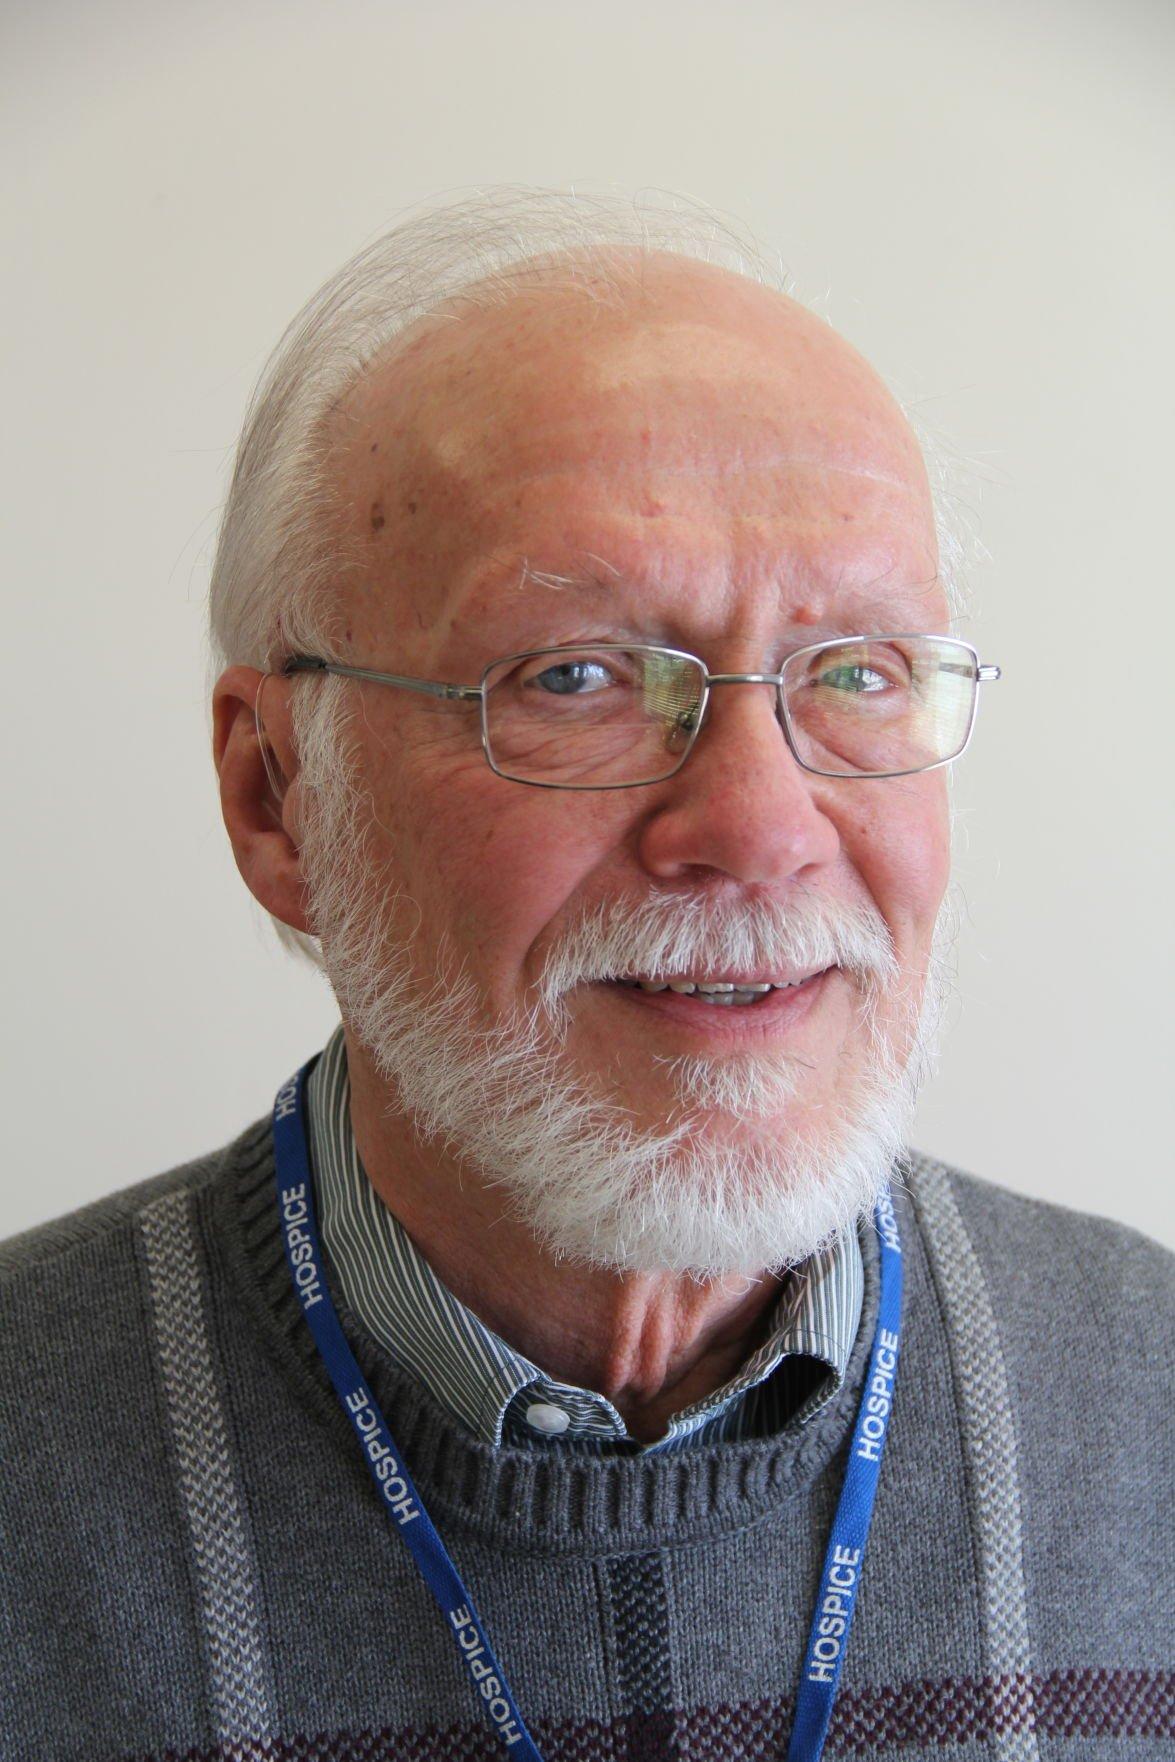 Ron Hoch